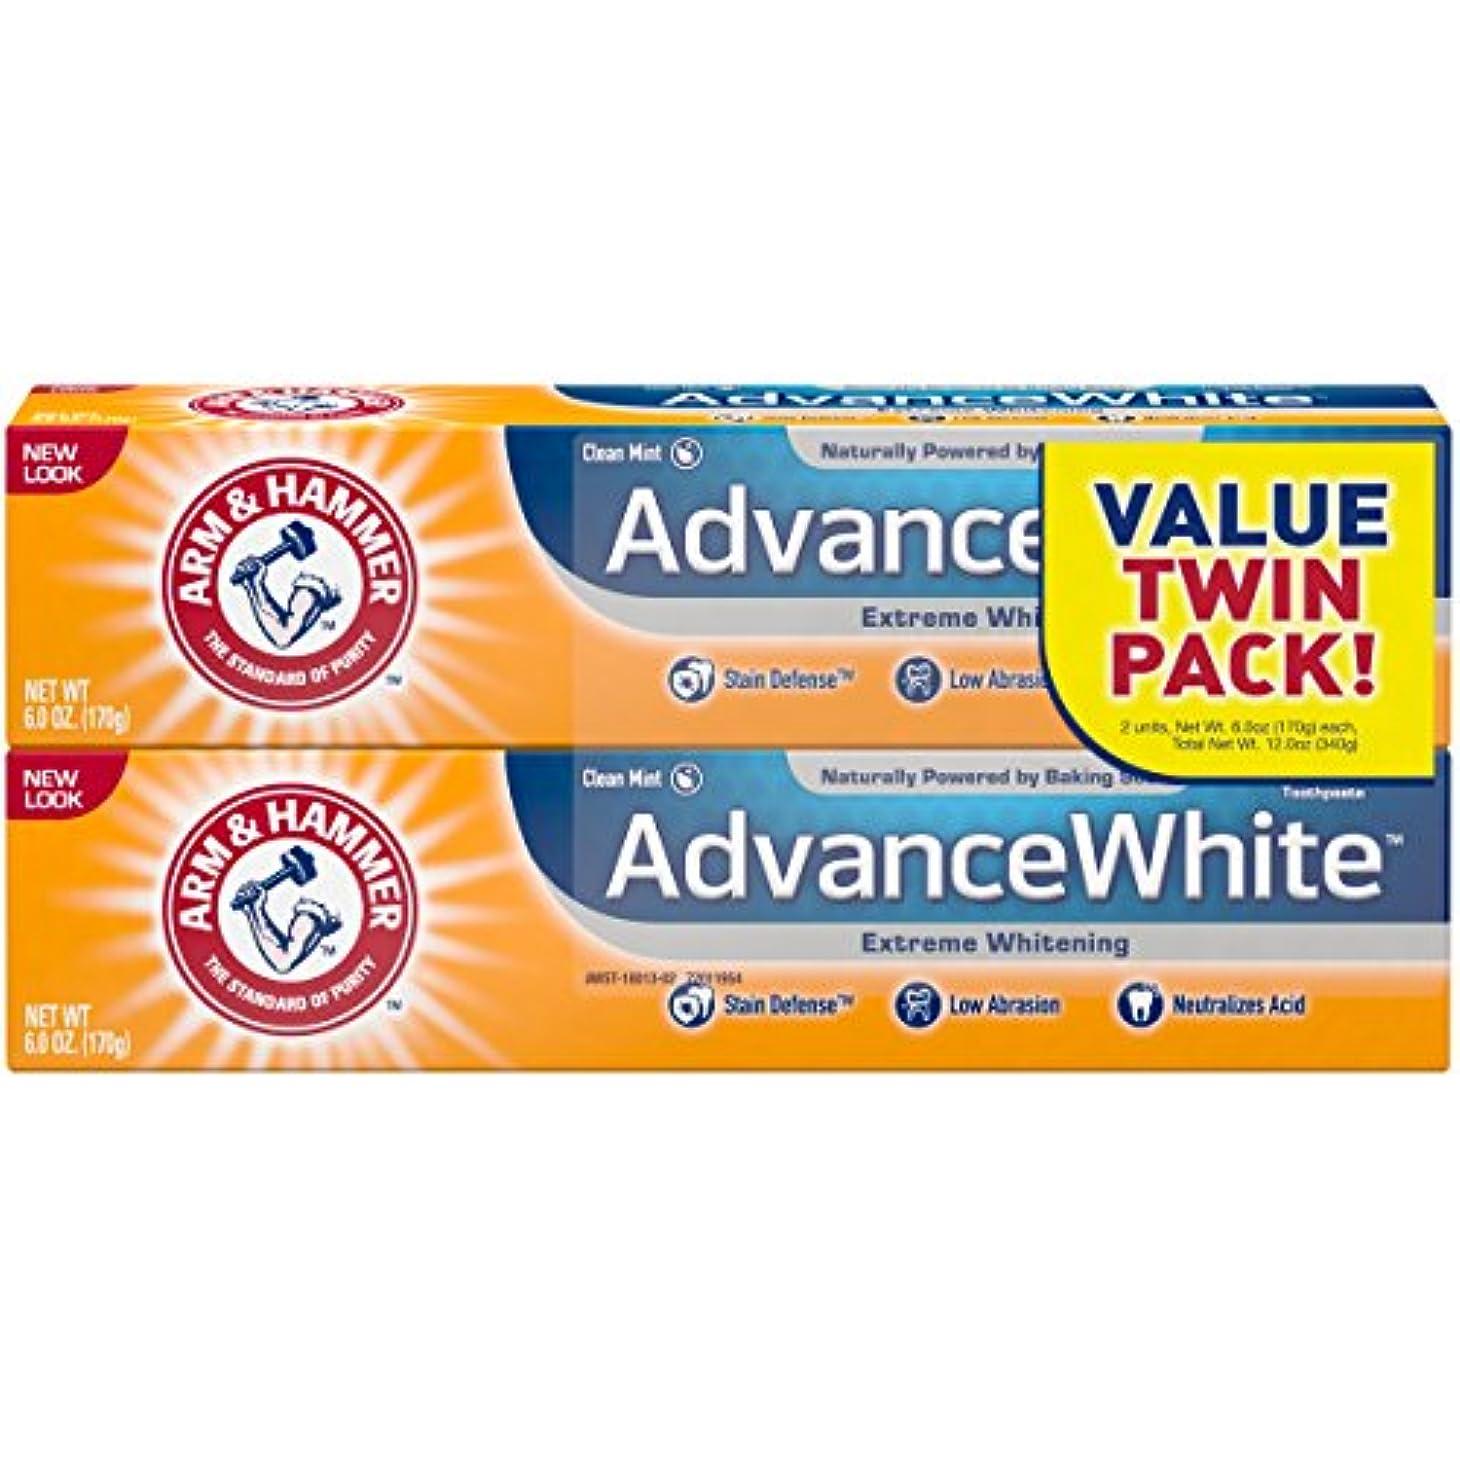 アカデミーフォーク投資するArm & Hammer アーム&ハマー アドバンス ホワイト 歯磨き粉 2個パック Toothpaste with Baking Soda & Peroxide